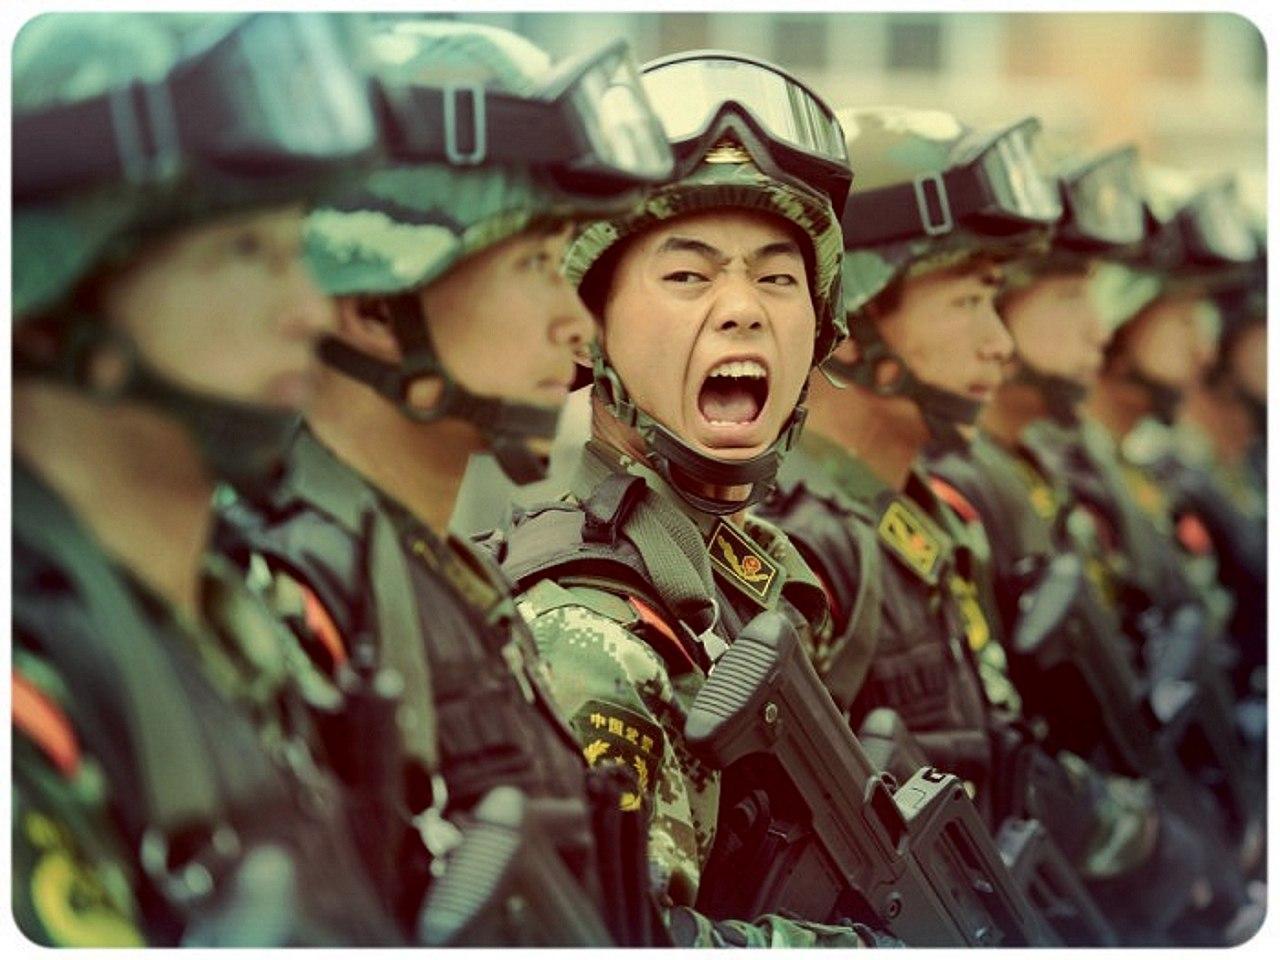 Как трудности перевода «подготовили к войне» войска Китая